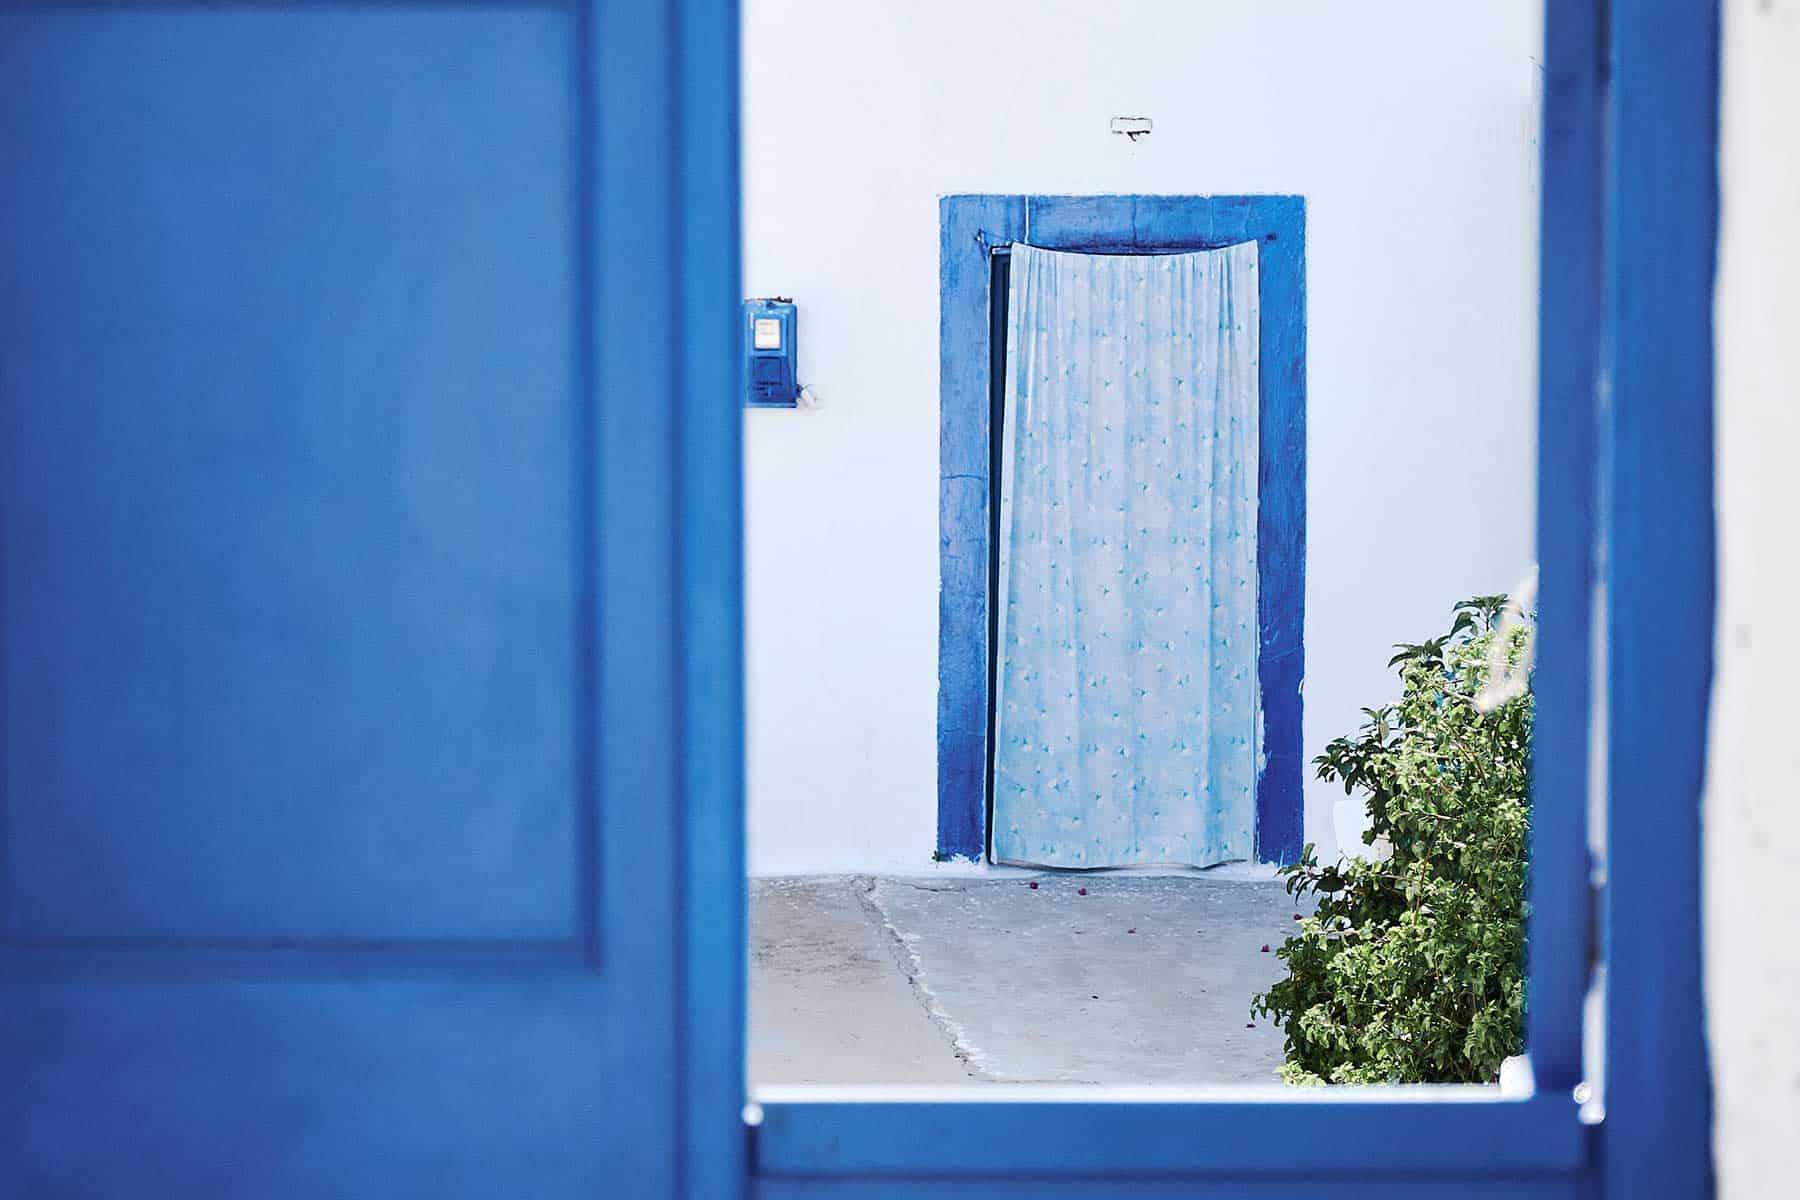 Resor-till-Spetses-i-Grekland-med-Nygren-&-Lind-Resebyrå_7